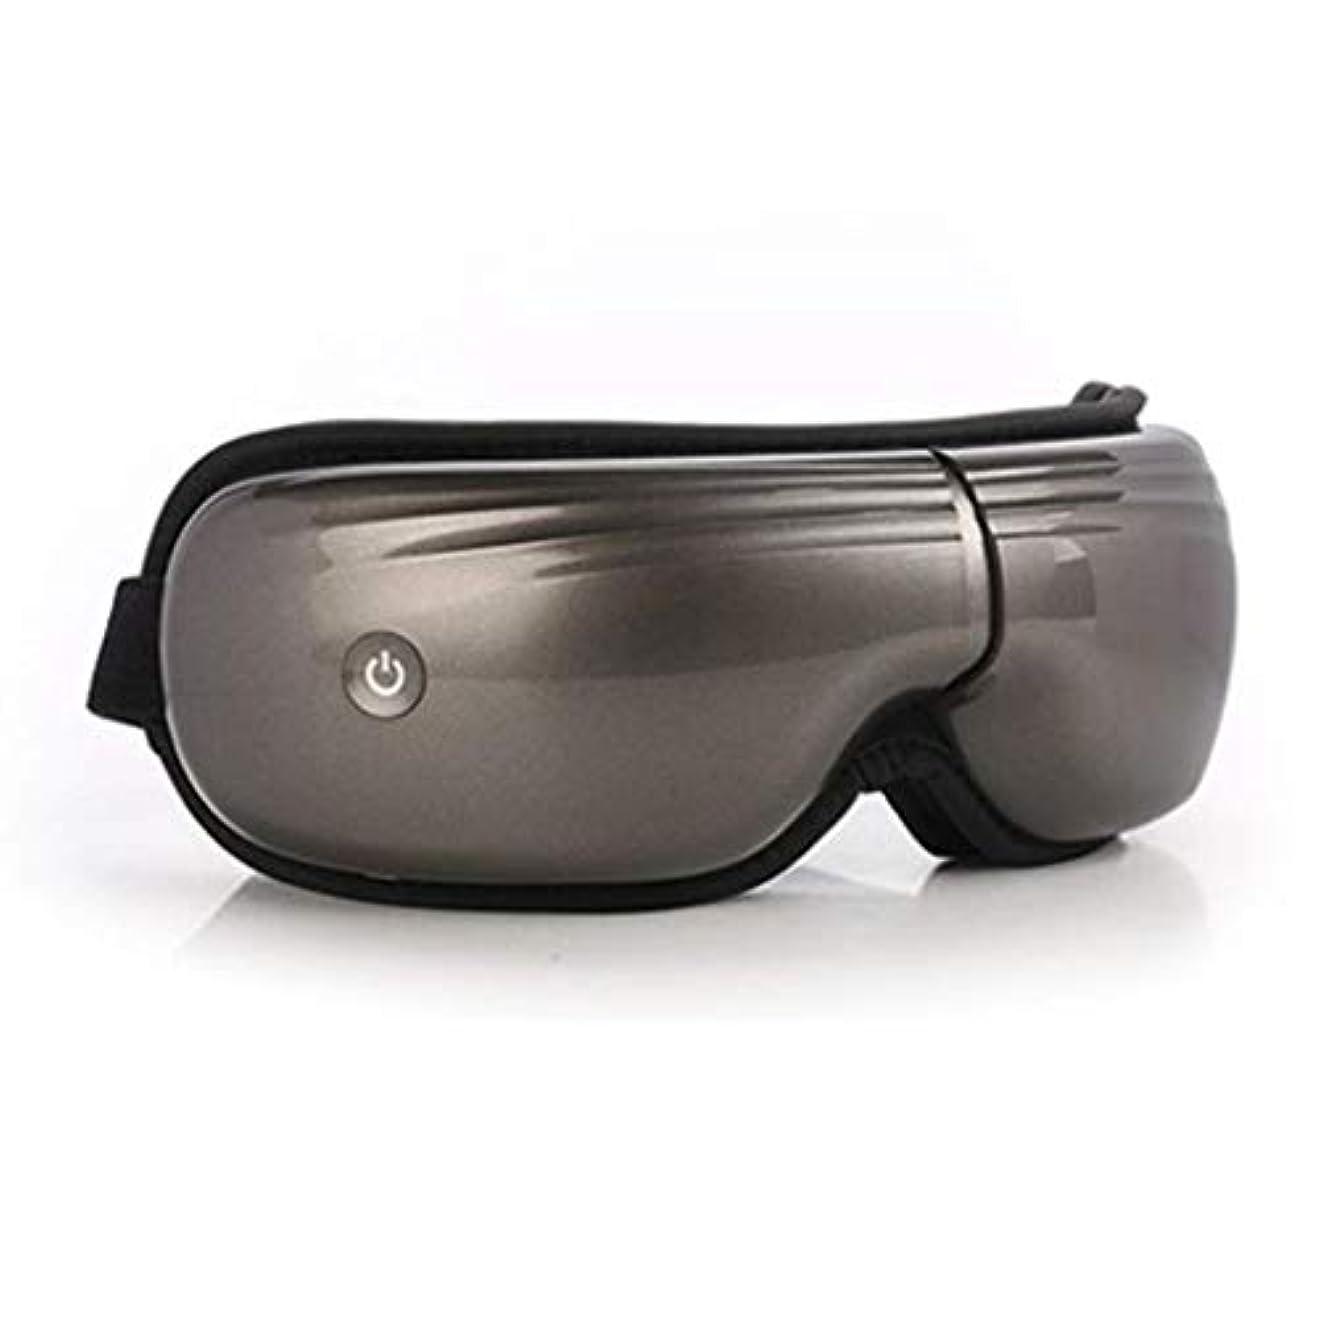 望ましいアボートできないアイマッサージアイマスク、アイマッサージャー、USB充電式ポータブルアイツール、ホットコンプレッションおよびフォールディングホーム、ダークサークルアイバッグおよびアイ疲労の改善、いつでも、いつでも持ち運びが簡単